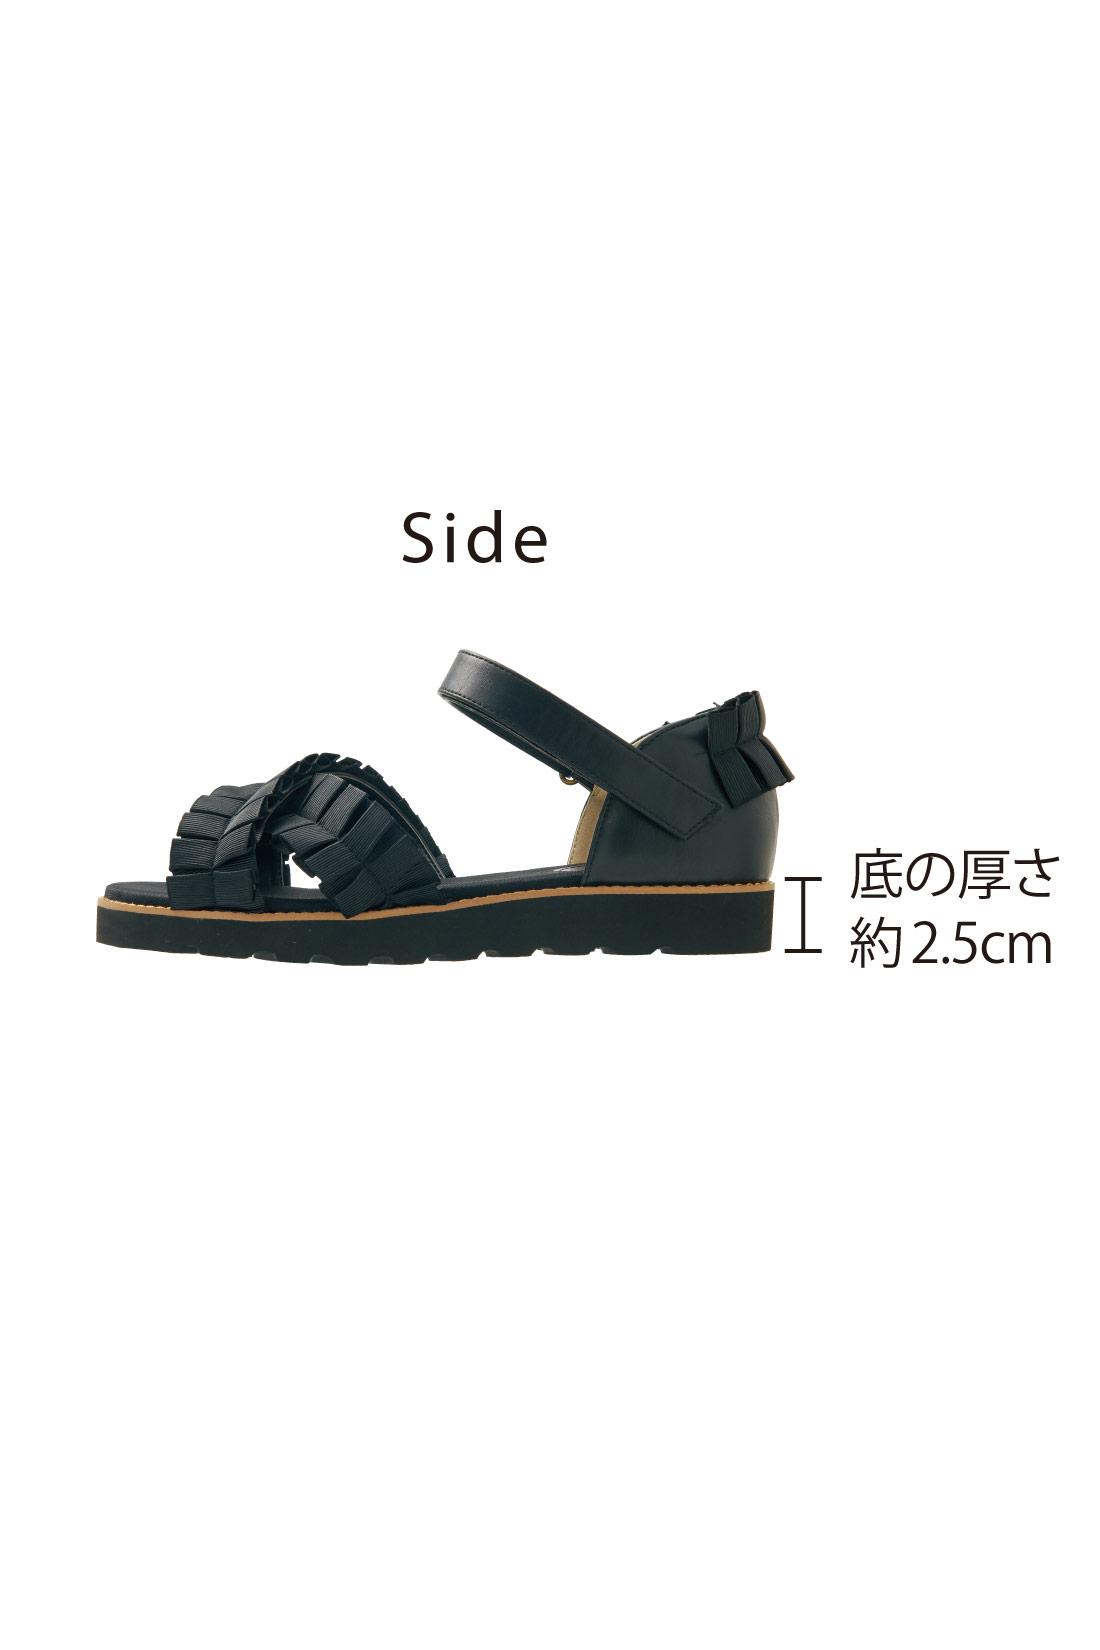 安定感があって歩きやすいスニーカー底。